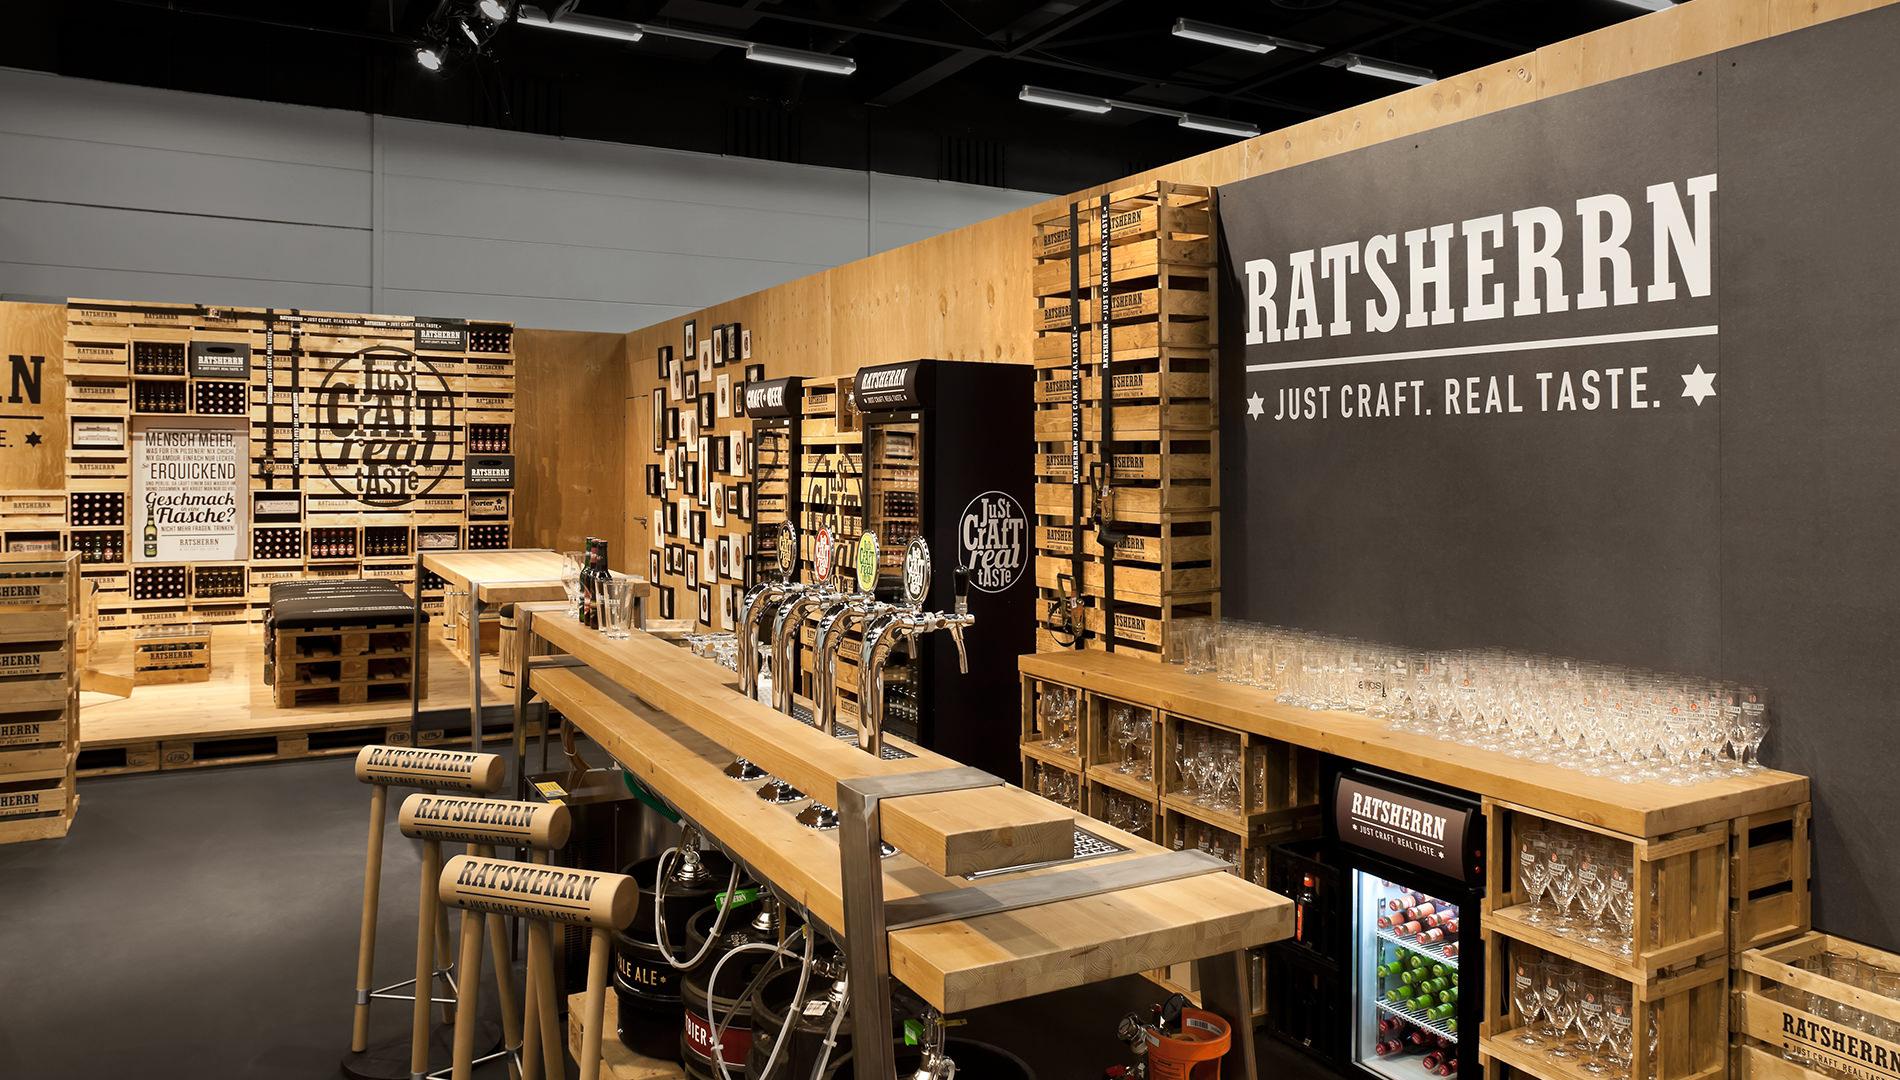 Messe Design Live Kommunikation Hamburg Internorga Ratsherrn Corporate Architecture Craftbiertheke Sitzecke Going Places EventLabs